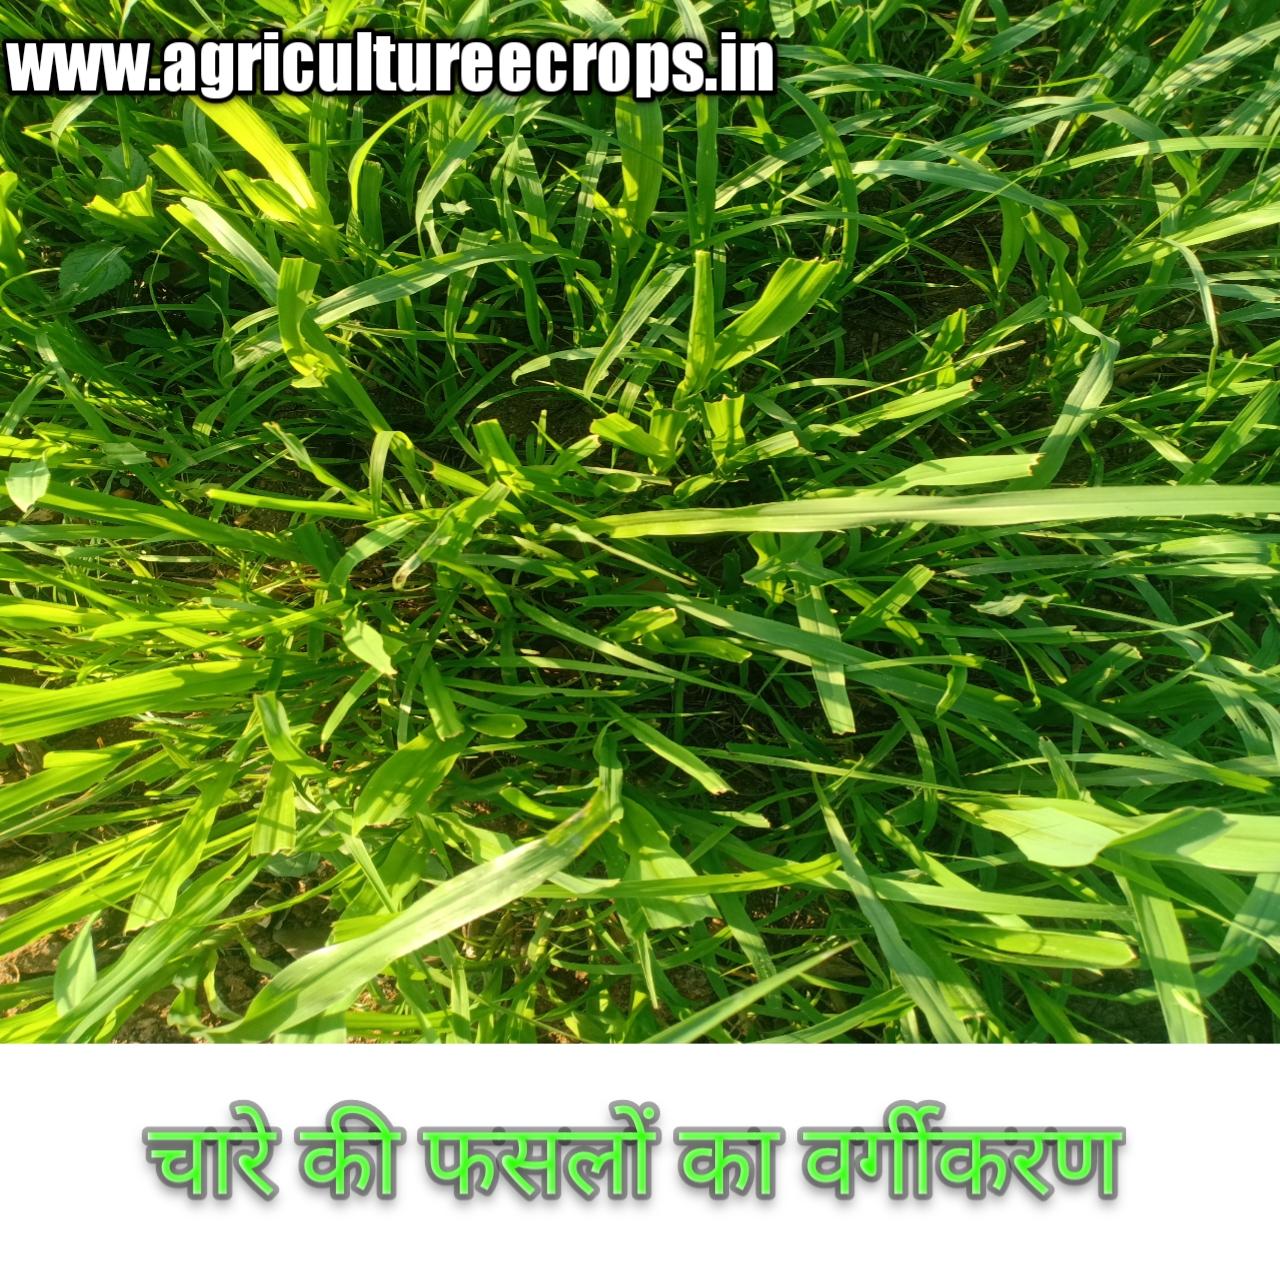 चारे की फसलों का वर्गीकरण तथा चारे की फसलों में पाये जाने वाले पोषक तत्वों का महत्व लिखिए हिन्दी में, classification of fodder crops